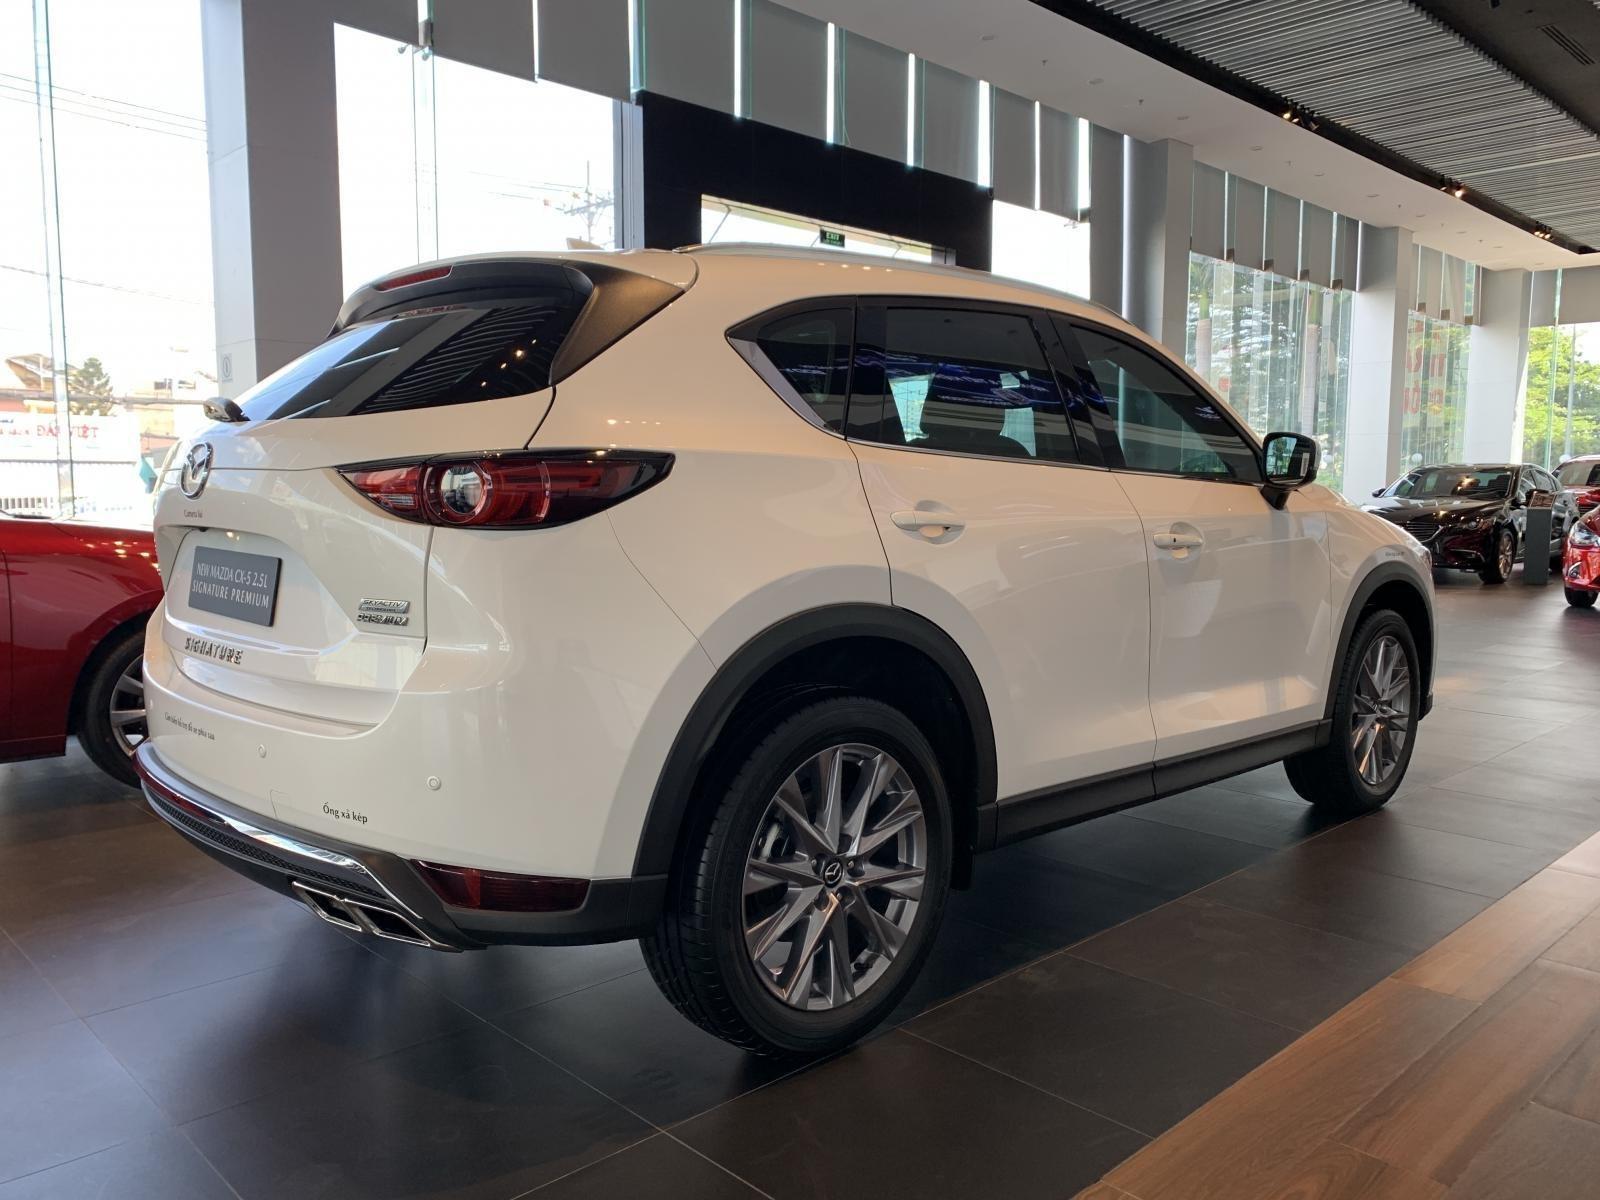 Bán Mazda CX5 giá từ 859tr xe giao ngay, liên hệ ngay với chúng tôi để nhận được ưu đãi tốt nhất (6)